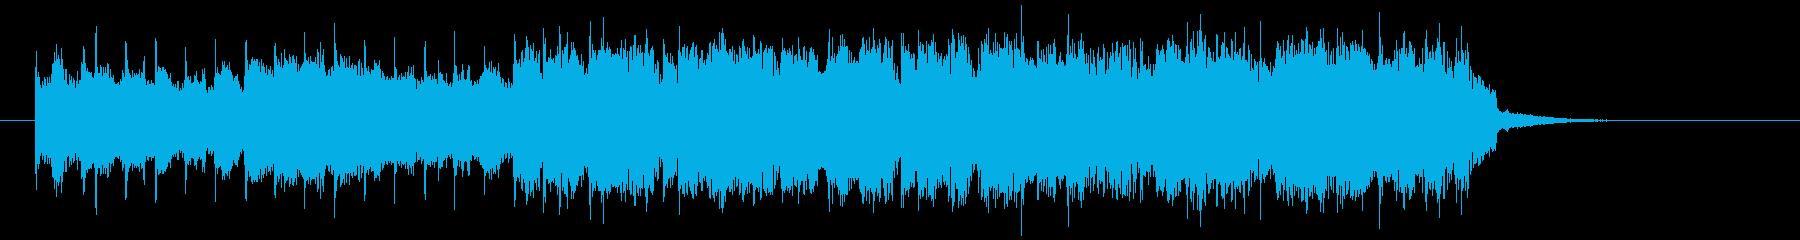 始まりを予感させるミュージックの再生済みの波形